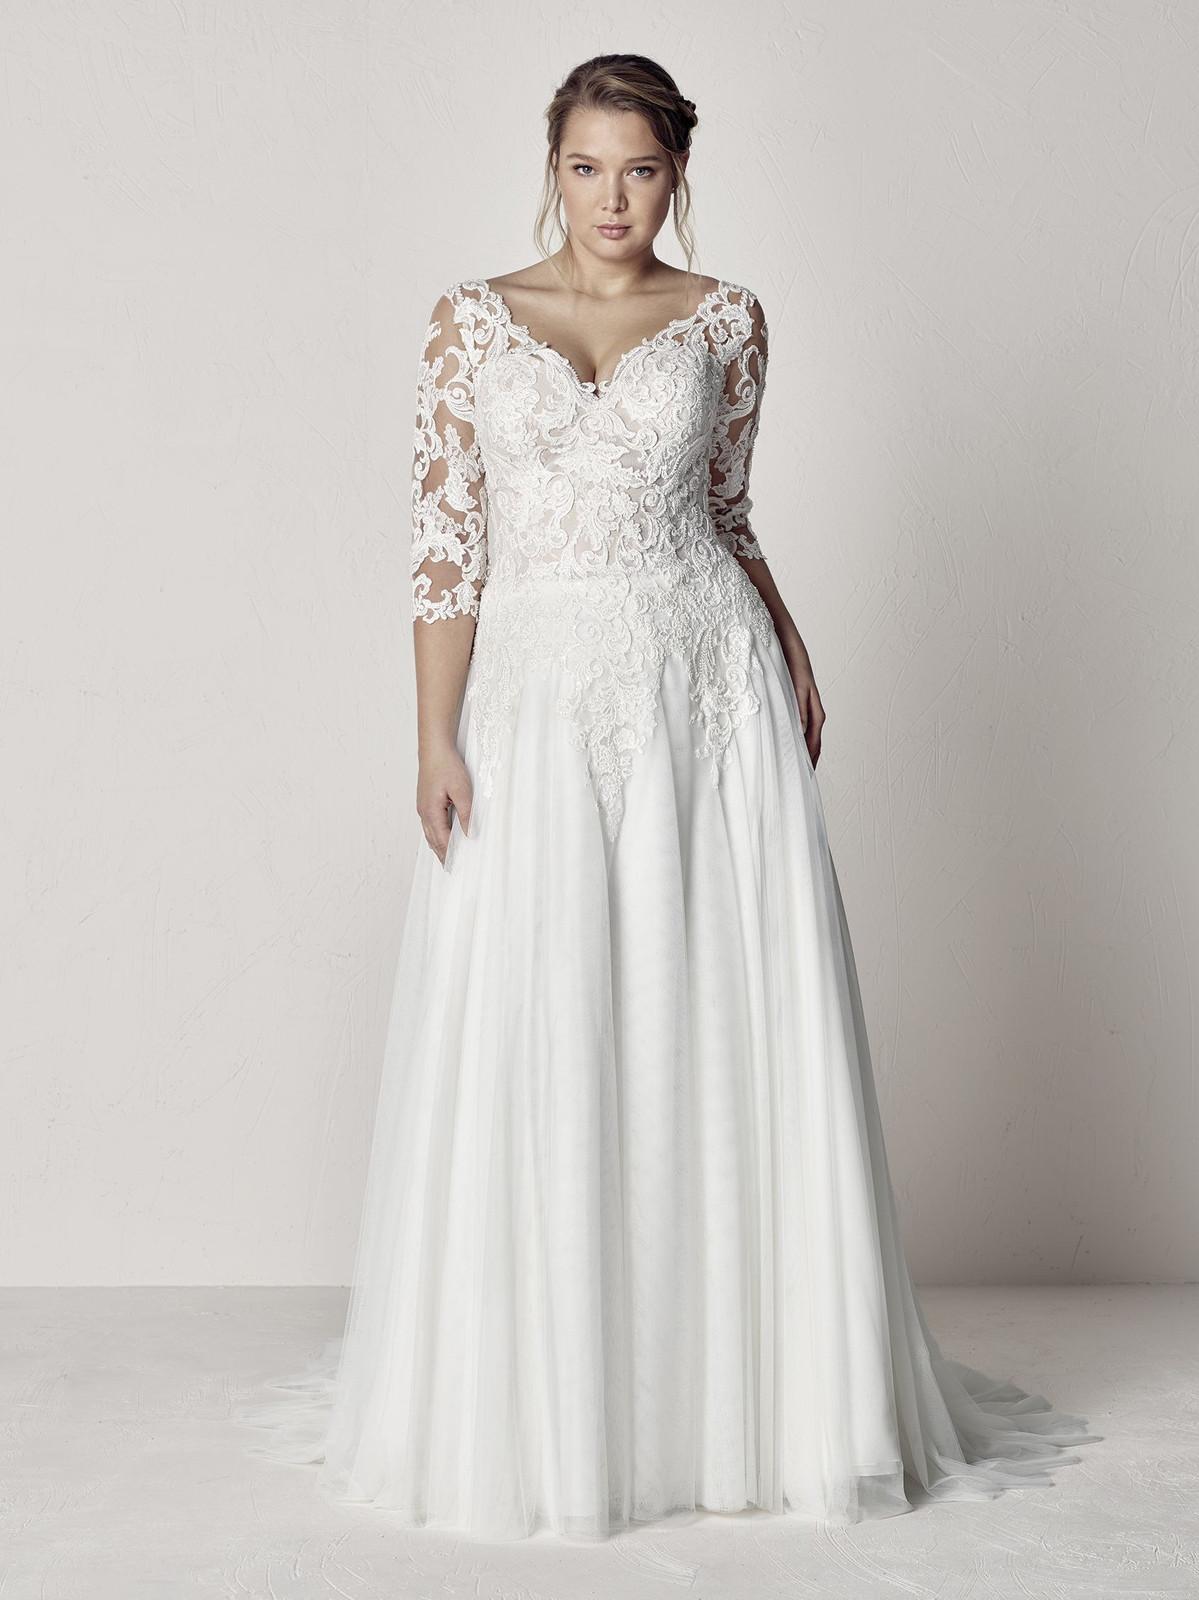 Hochzeitskleider Brautkleider Grosse Grossen Mollige Xxl